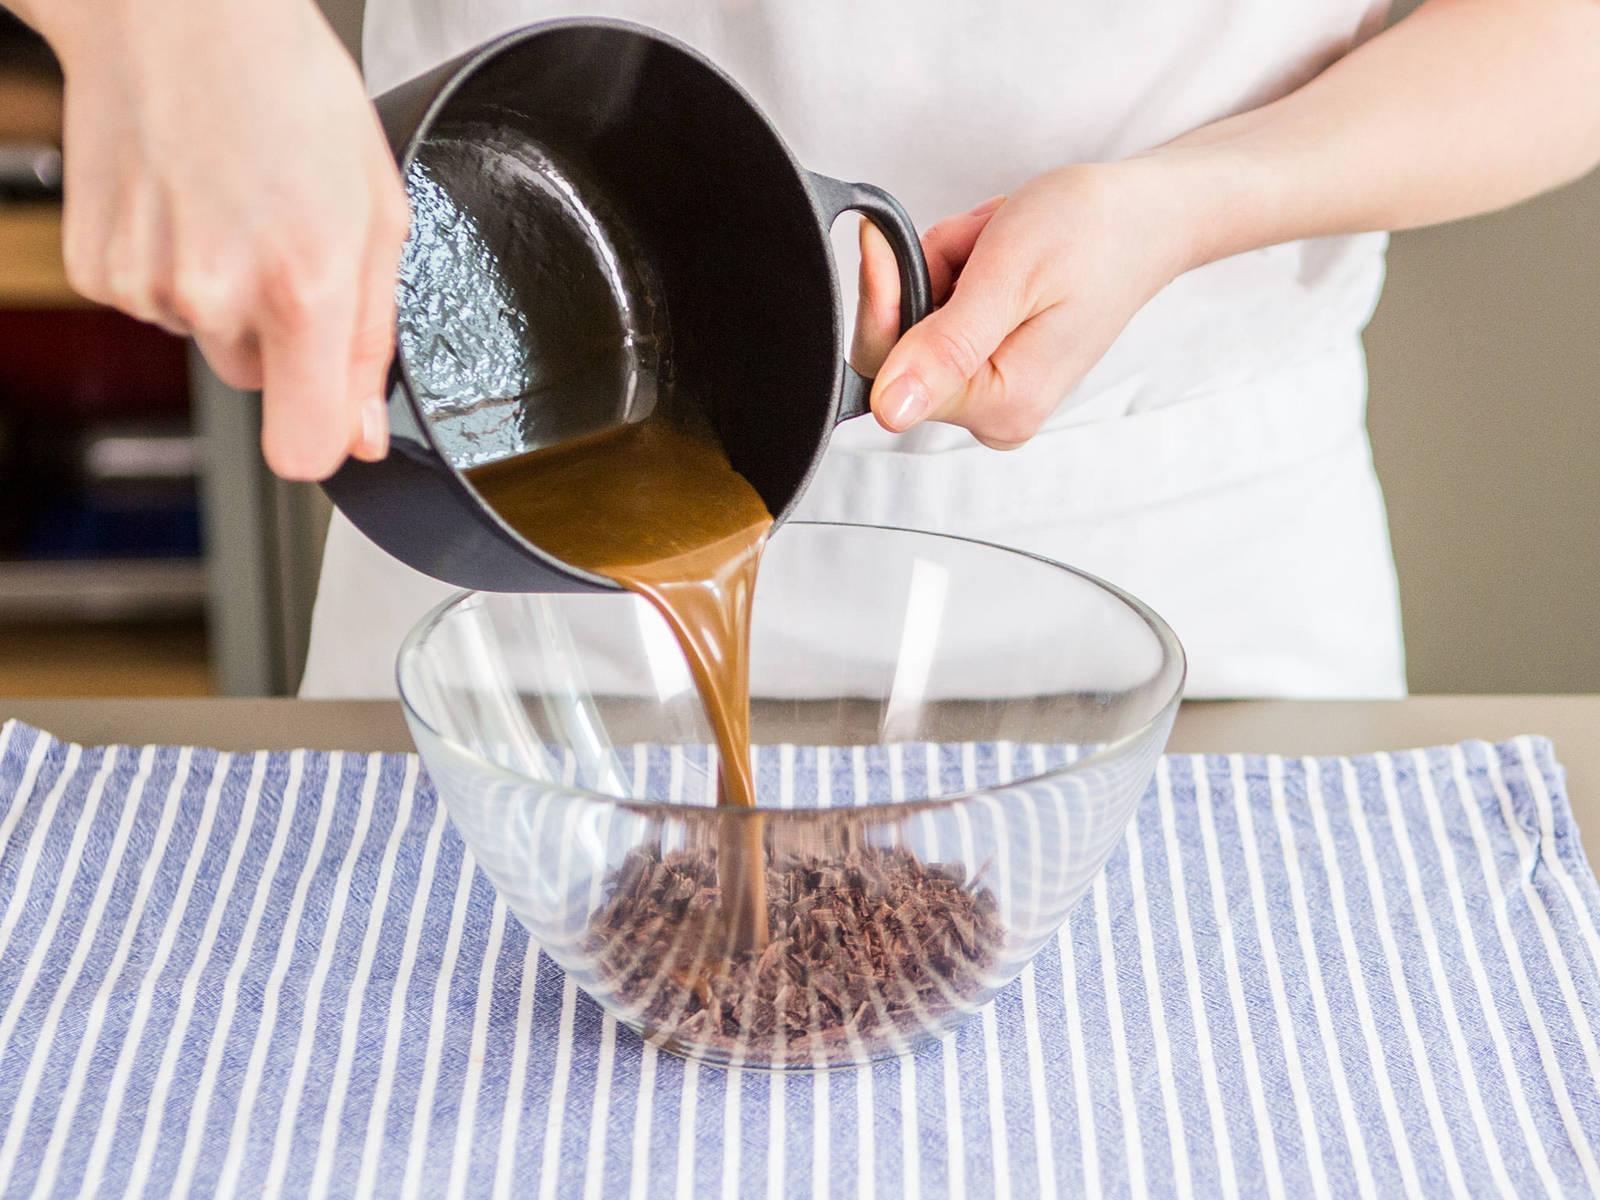 Schokolade fein hacken und in eine große Schüssel geben. Espressopulver, Sahne und Maissirup bei mittlerer Hitze zum Köcheln bringen und anschließend über die gehackte Schokolade geben. Ca. 15 – 30 Sekunden warten und dann gut unterrühren.